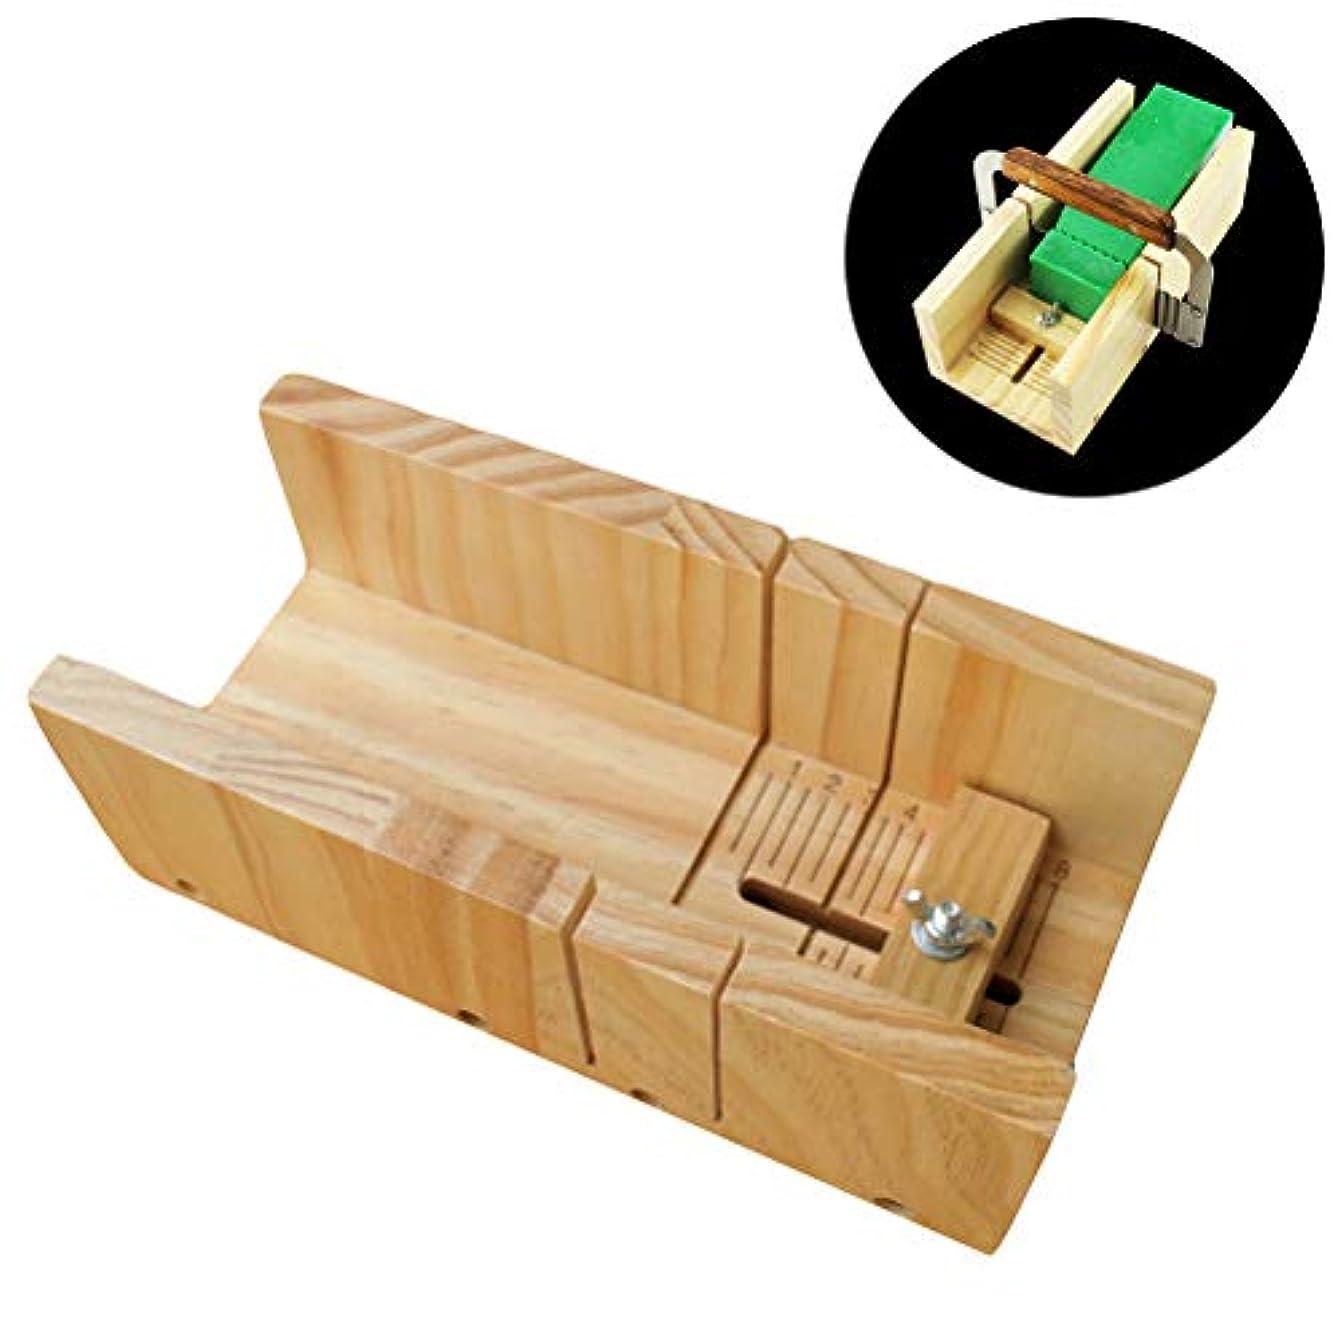 皮肉適格検体Healifty 木製石鹸カッターモールド石鹸ロープモールド調節可能なカッターモールドボックス石鹸ツールを作る